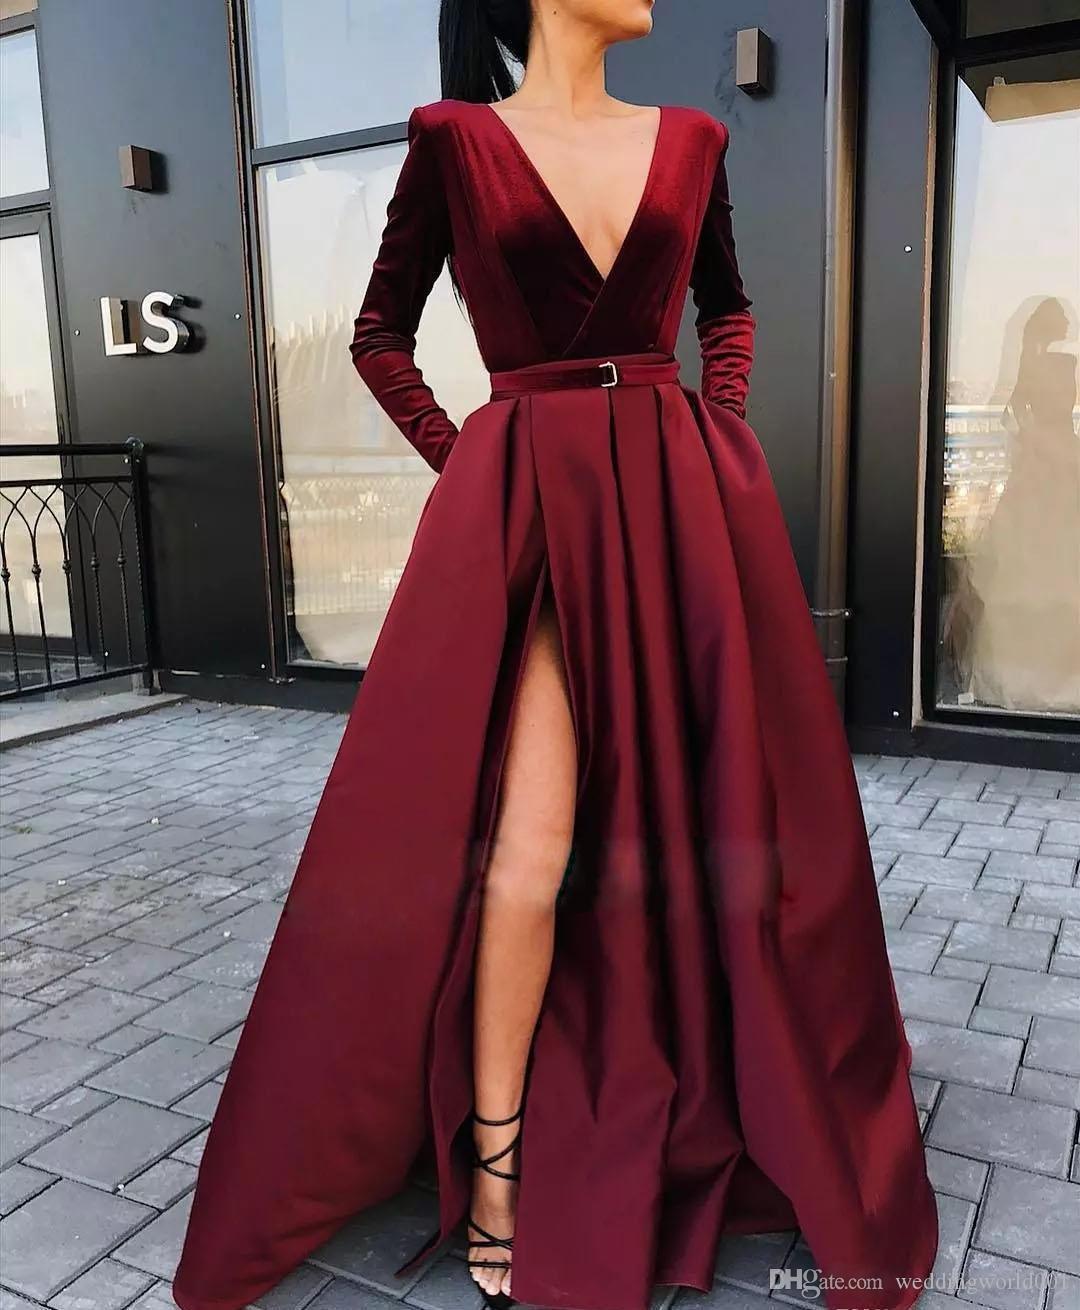 A-Line Burgundy Vestidos profunda V-Neck manga comprida vestido de noite Com fenda e Grande Fenda Para Formal Vestido Banquet Prom Dress